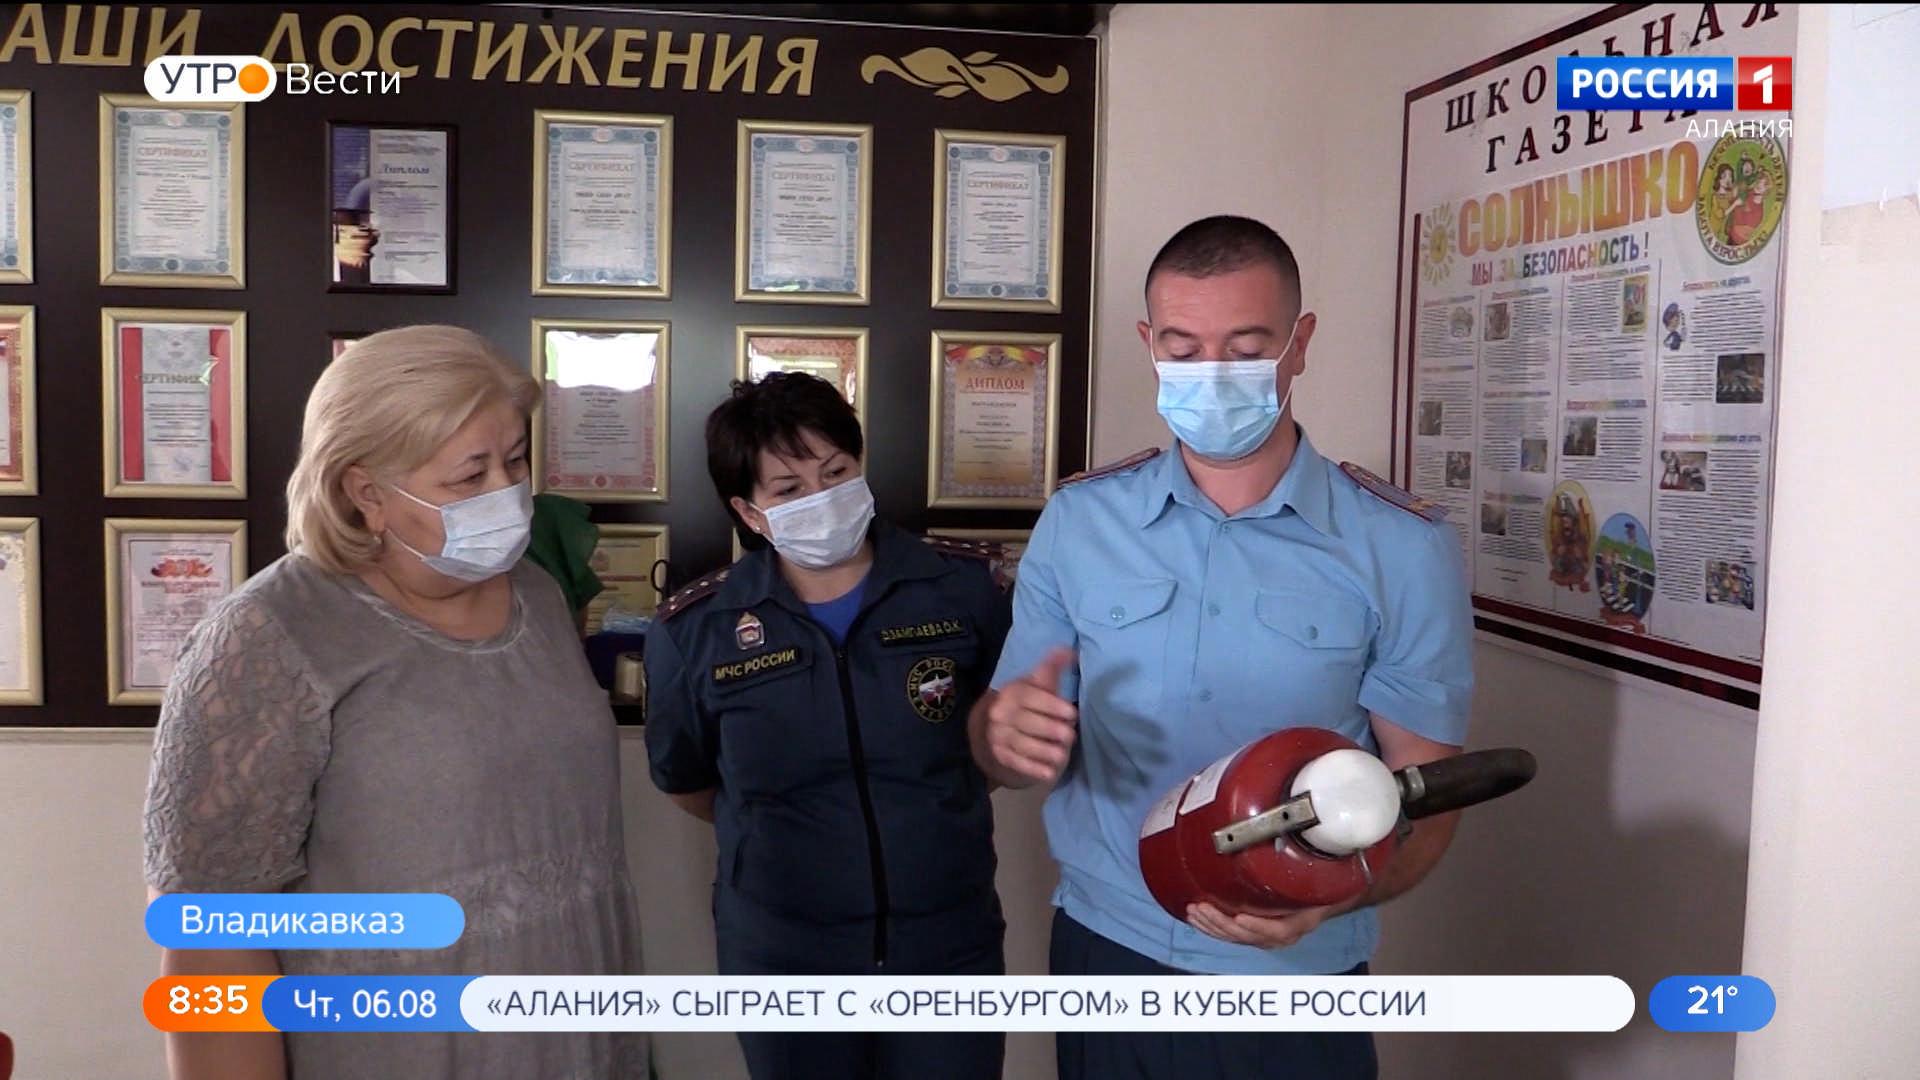 МЧС проверяет образовательные учреждения на предмет  соответствия требованиям пожарной безопасности